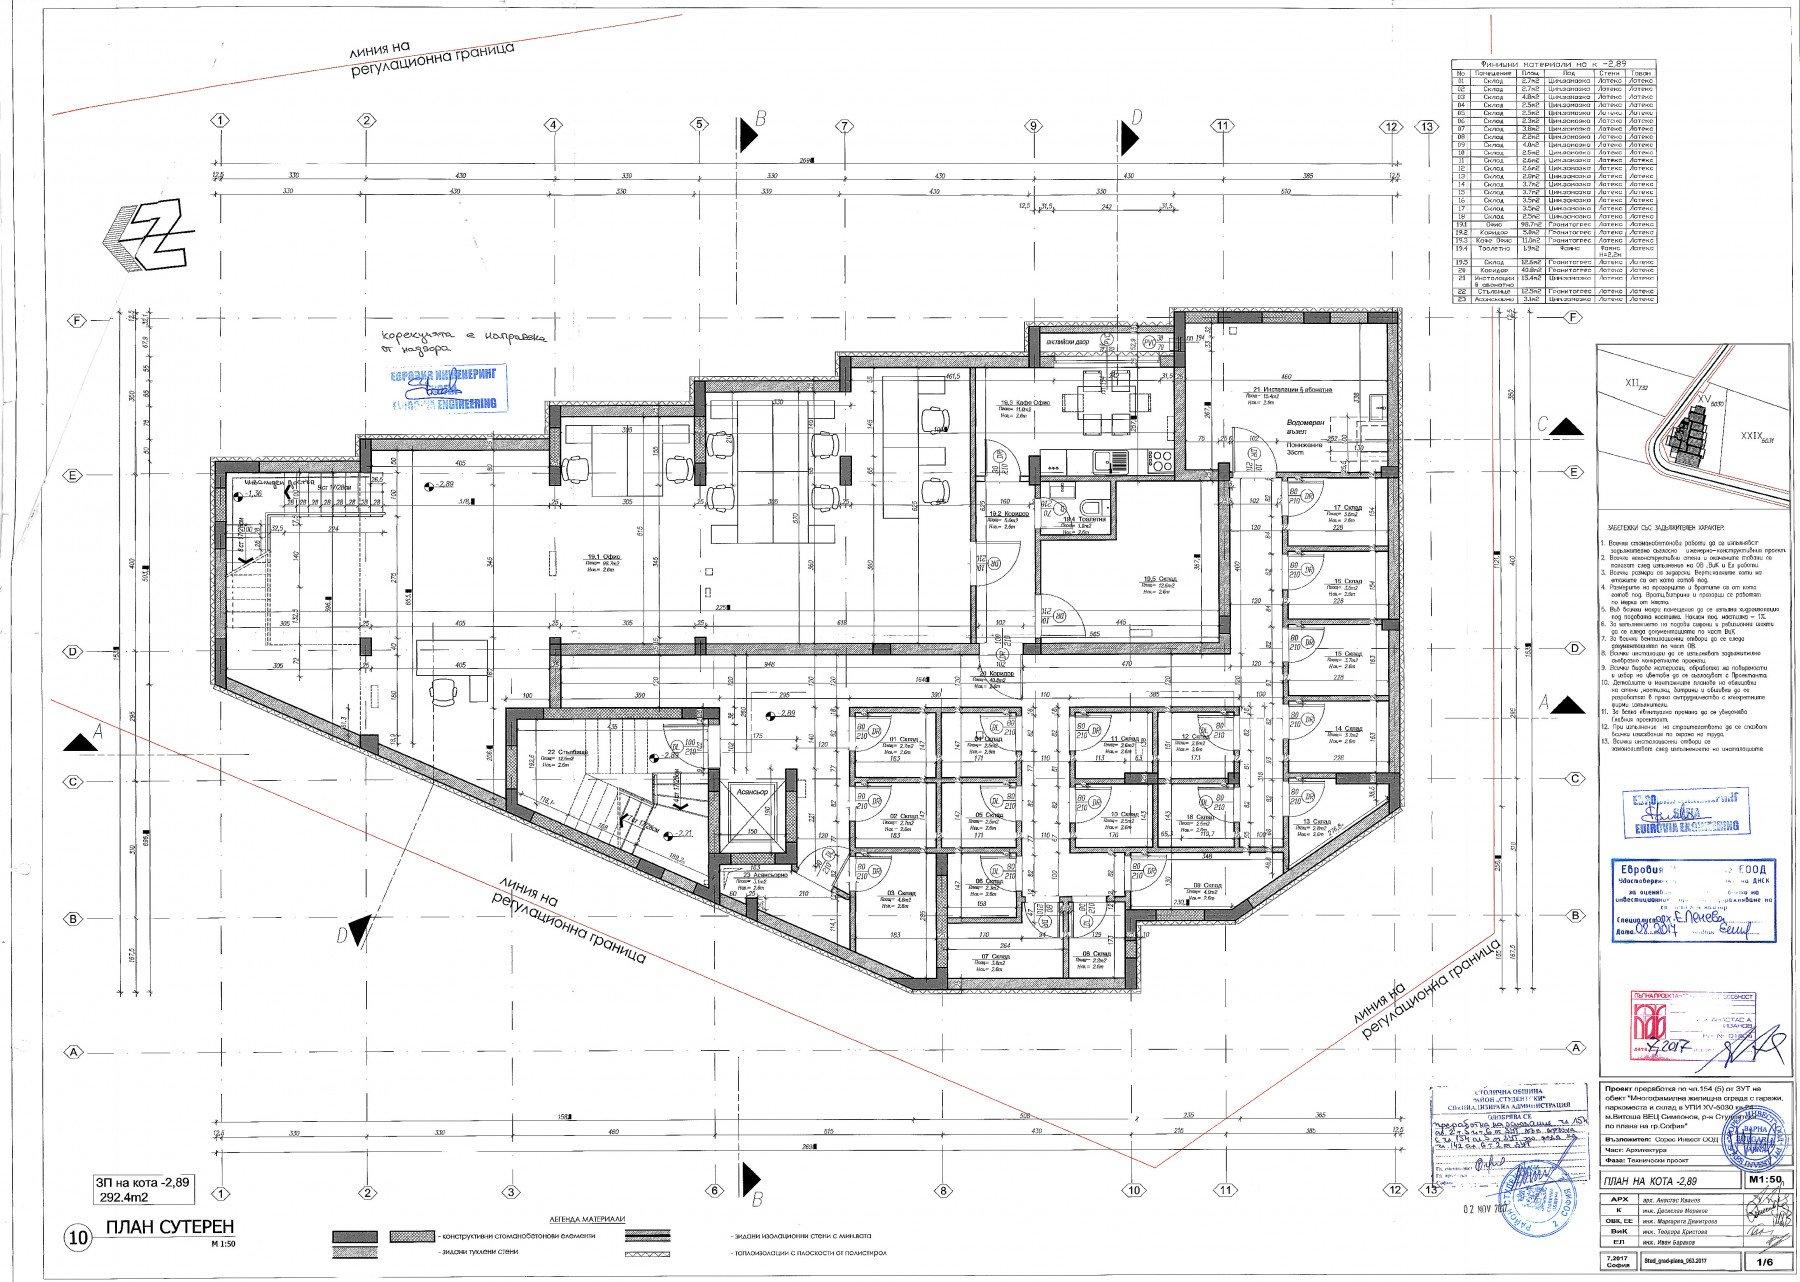 Архитектурни планове на Сграда Вероника